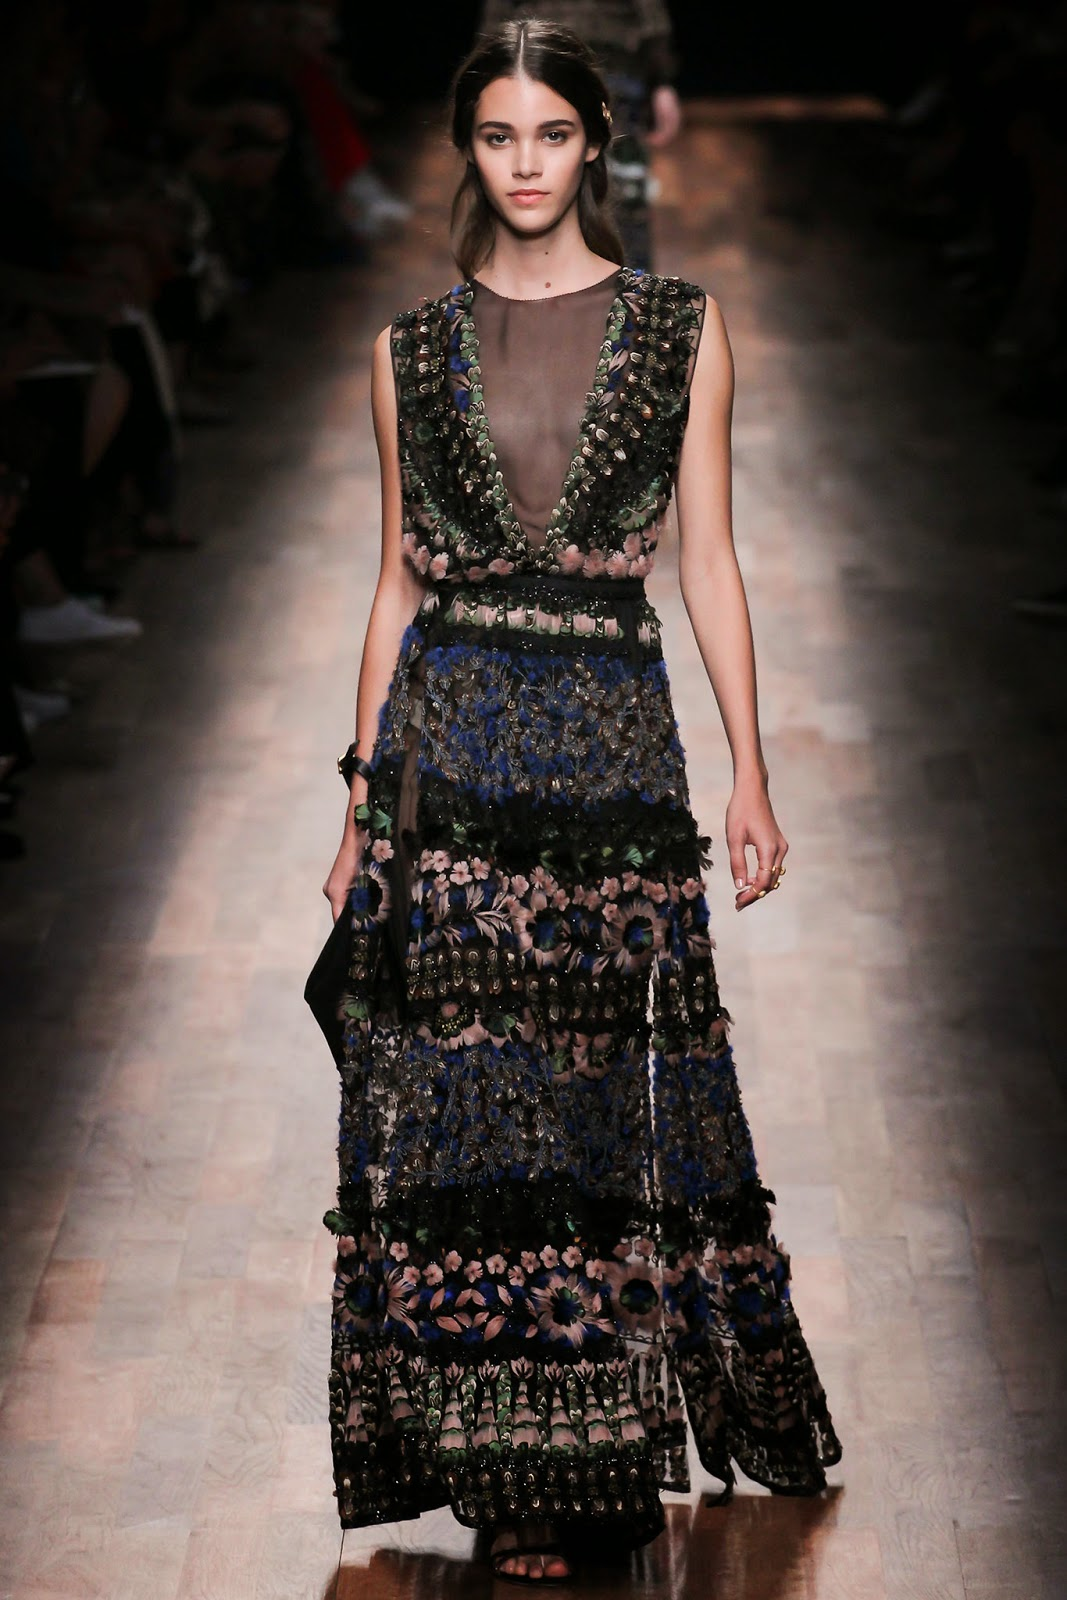 valentino 2015 summer 2016 trend women dress76 Valentino 2015 samling, våren sommaren 2016 Valentino klänning modeller, Valentino kväll klänning nya säsongen kvinnors kjolar modeller